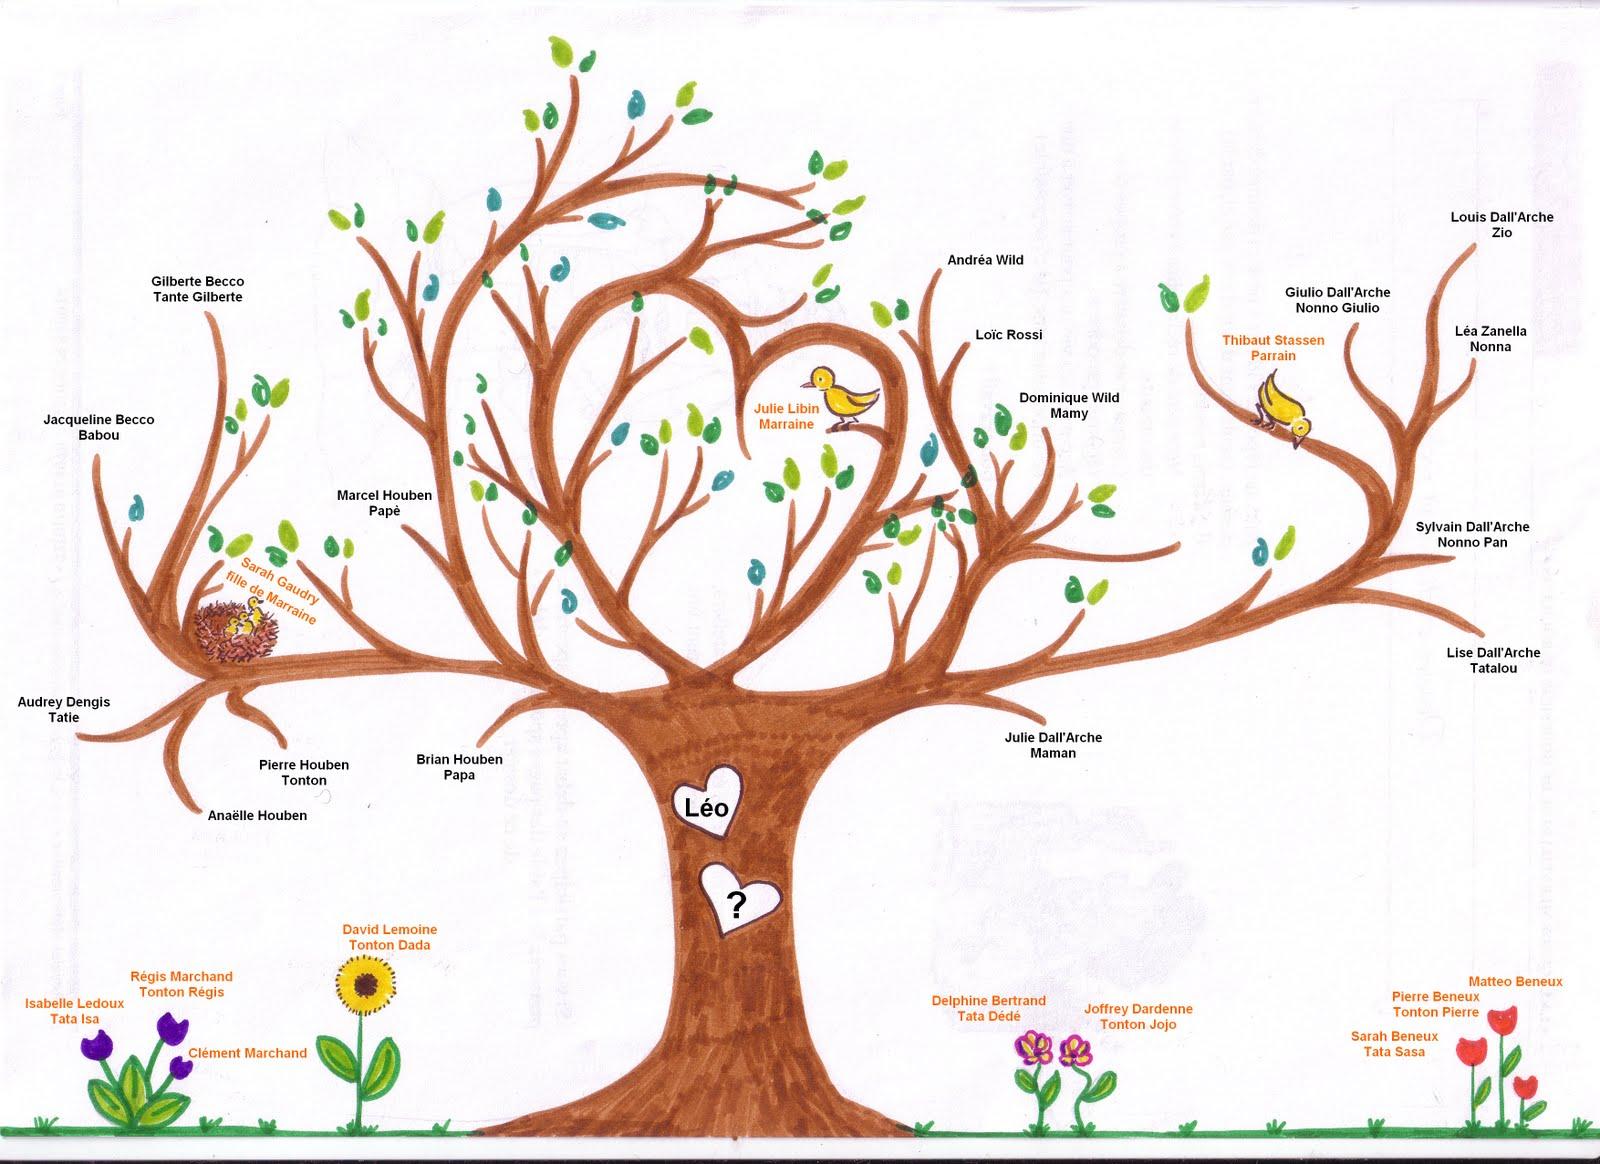 Comment Faire Son Arbre Genealogique Gratuit